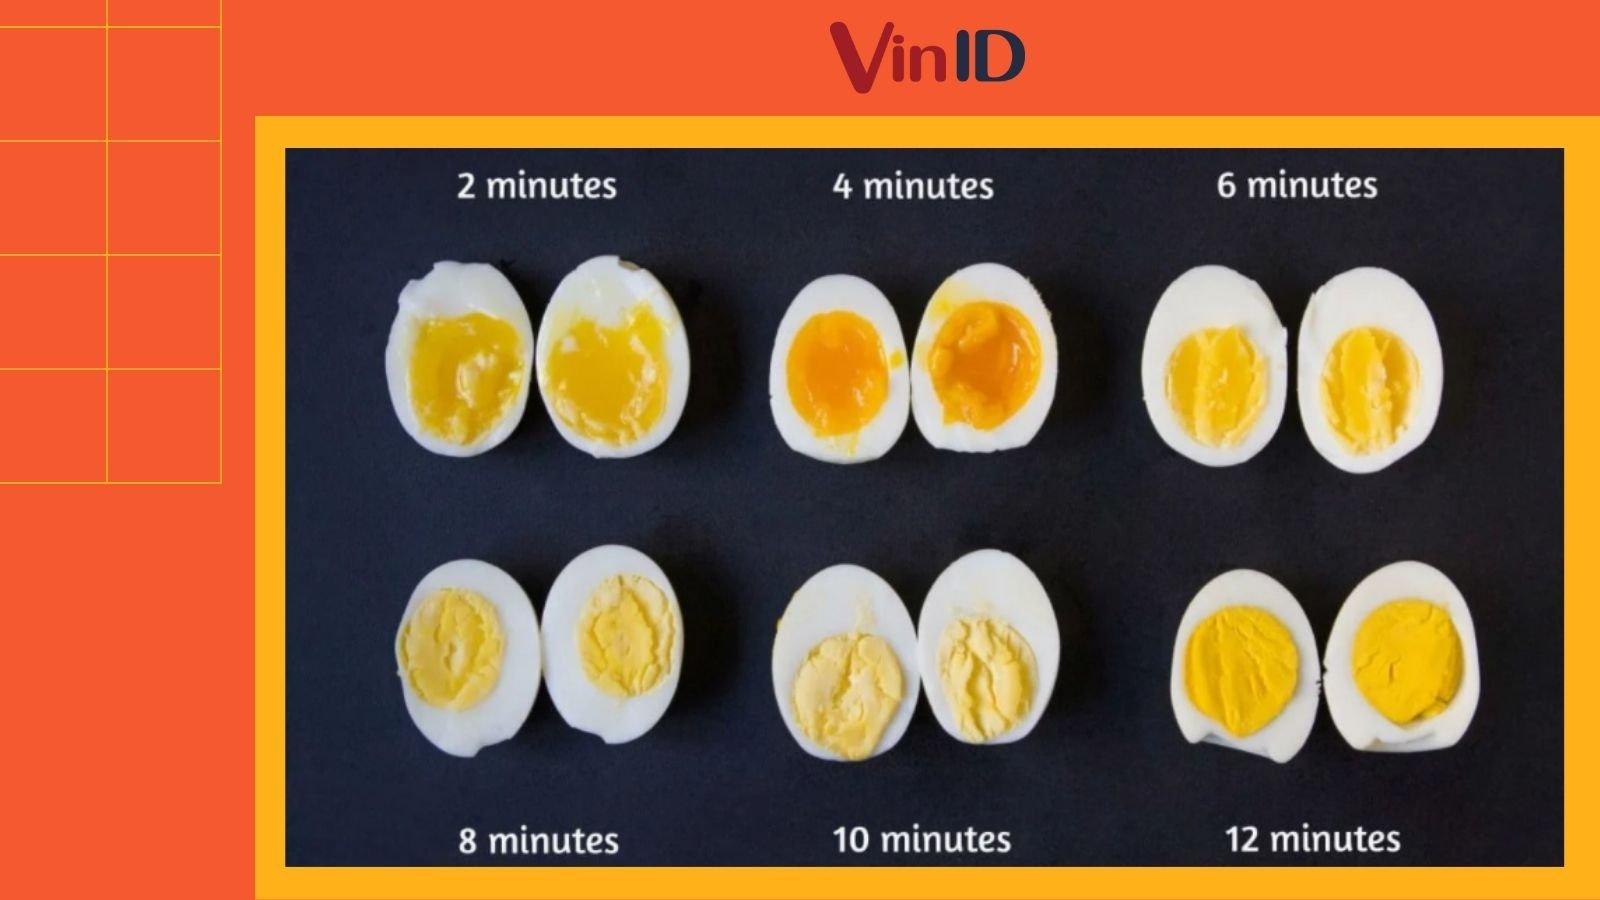 Trứng luộc bao nhiêu phút?